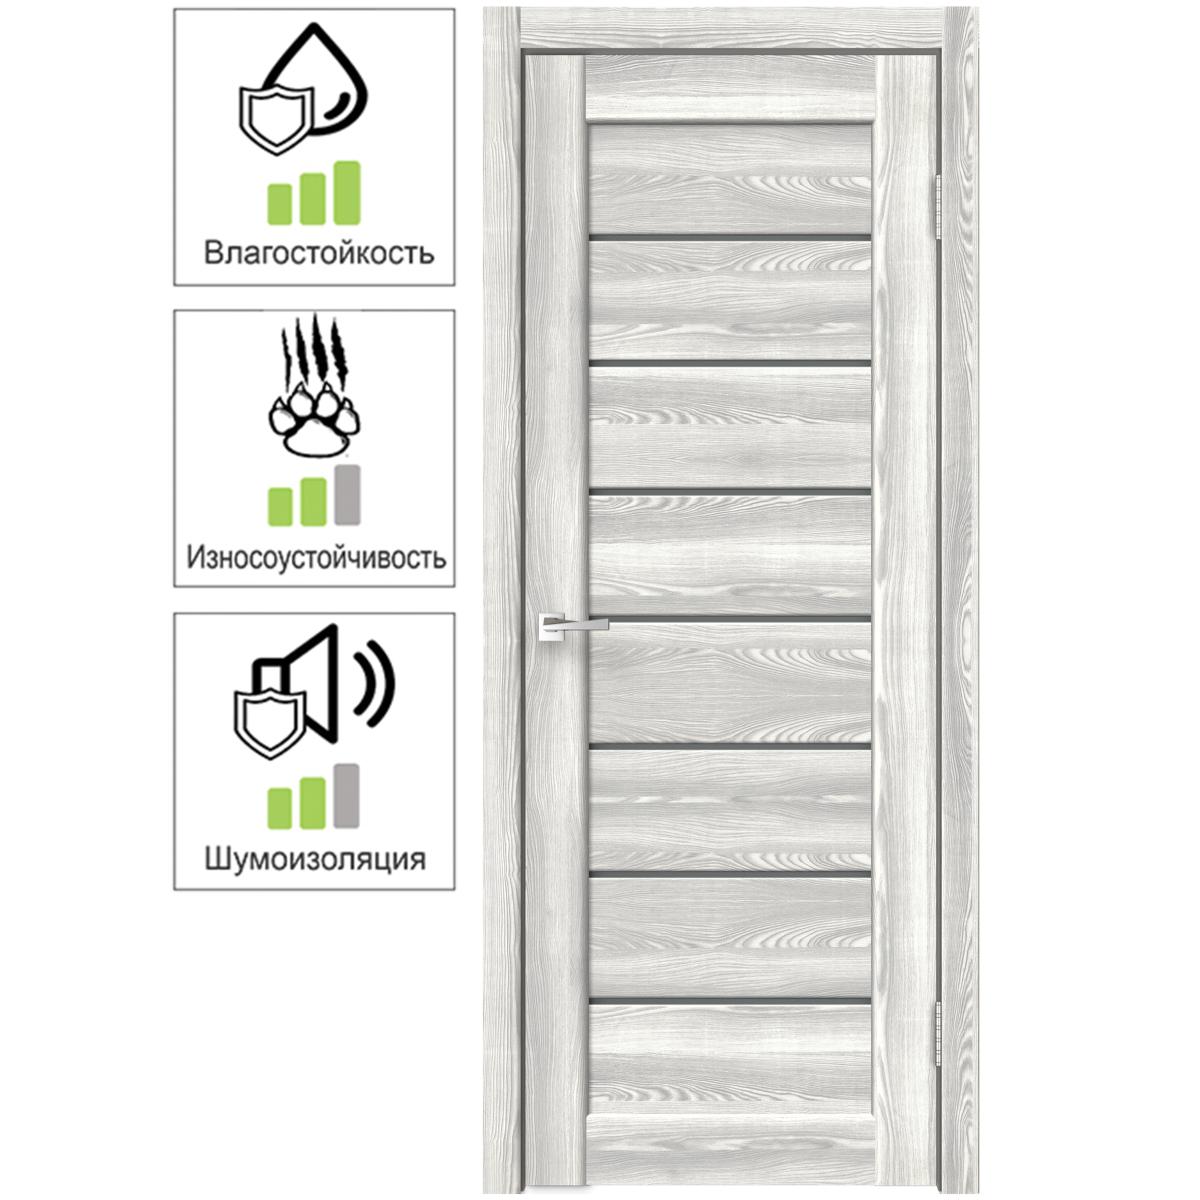 Дверь межкомнатная остеклённая Сохо 8 70х200 см с фурнитурой цвет светлый клён